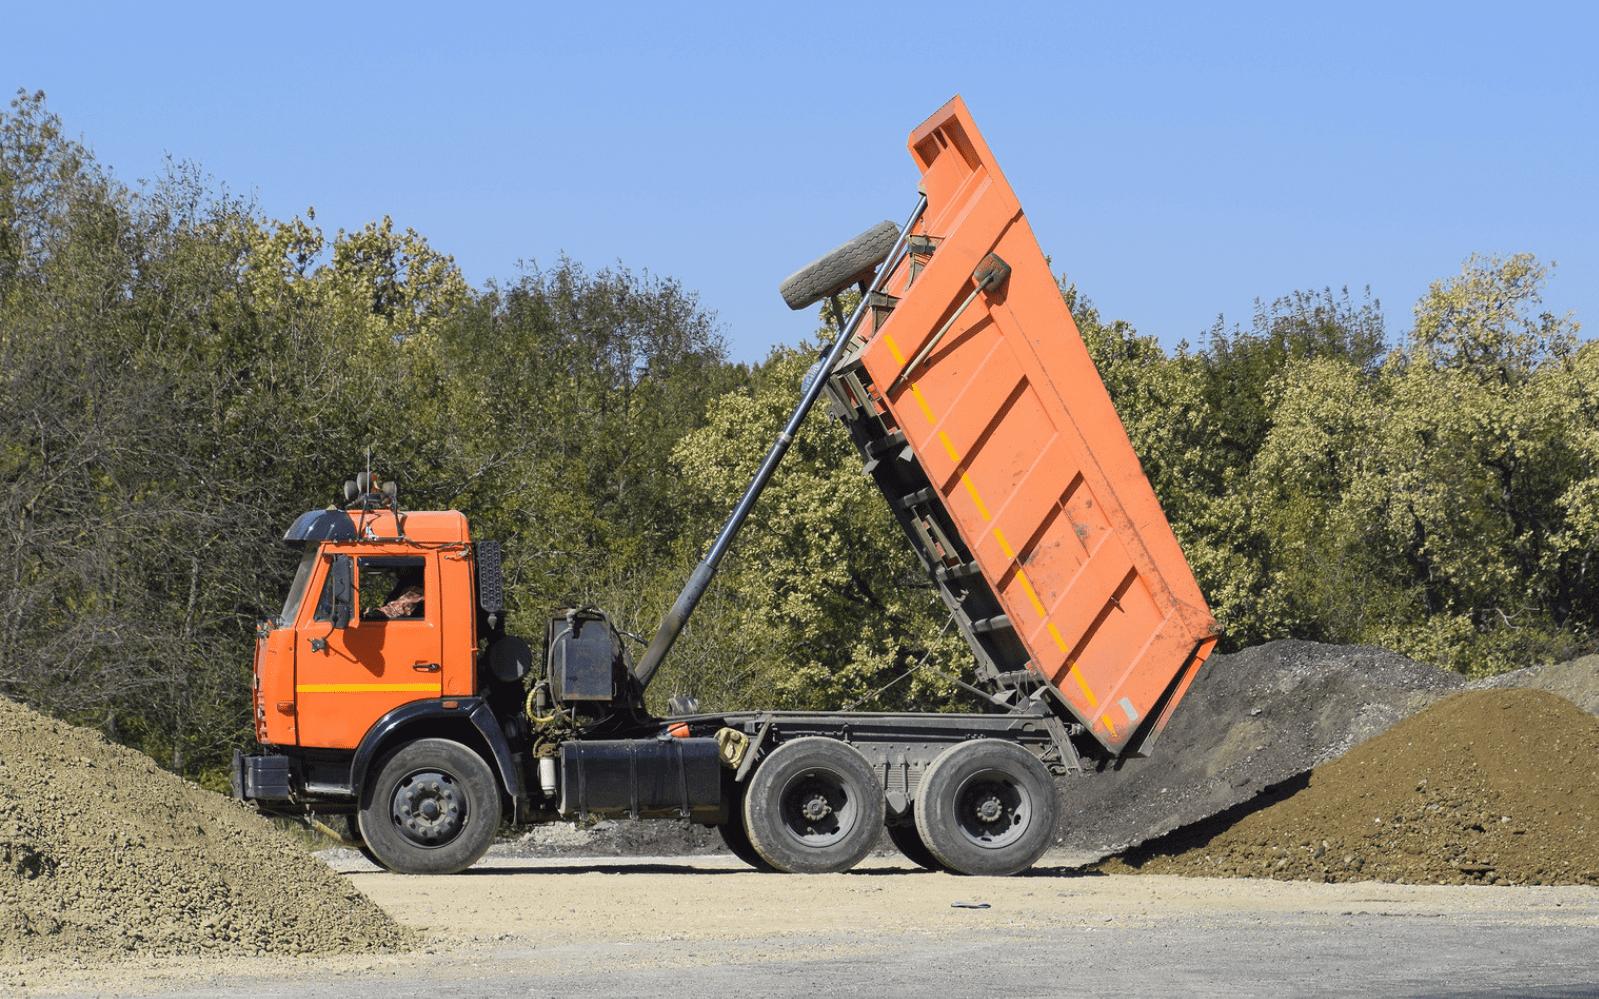 Dump truck in motion